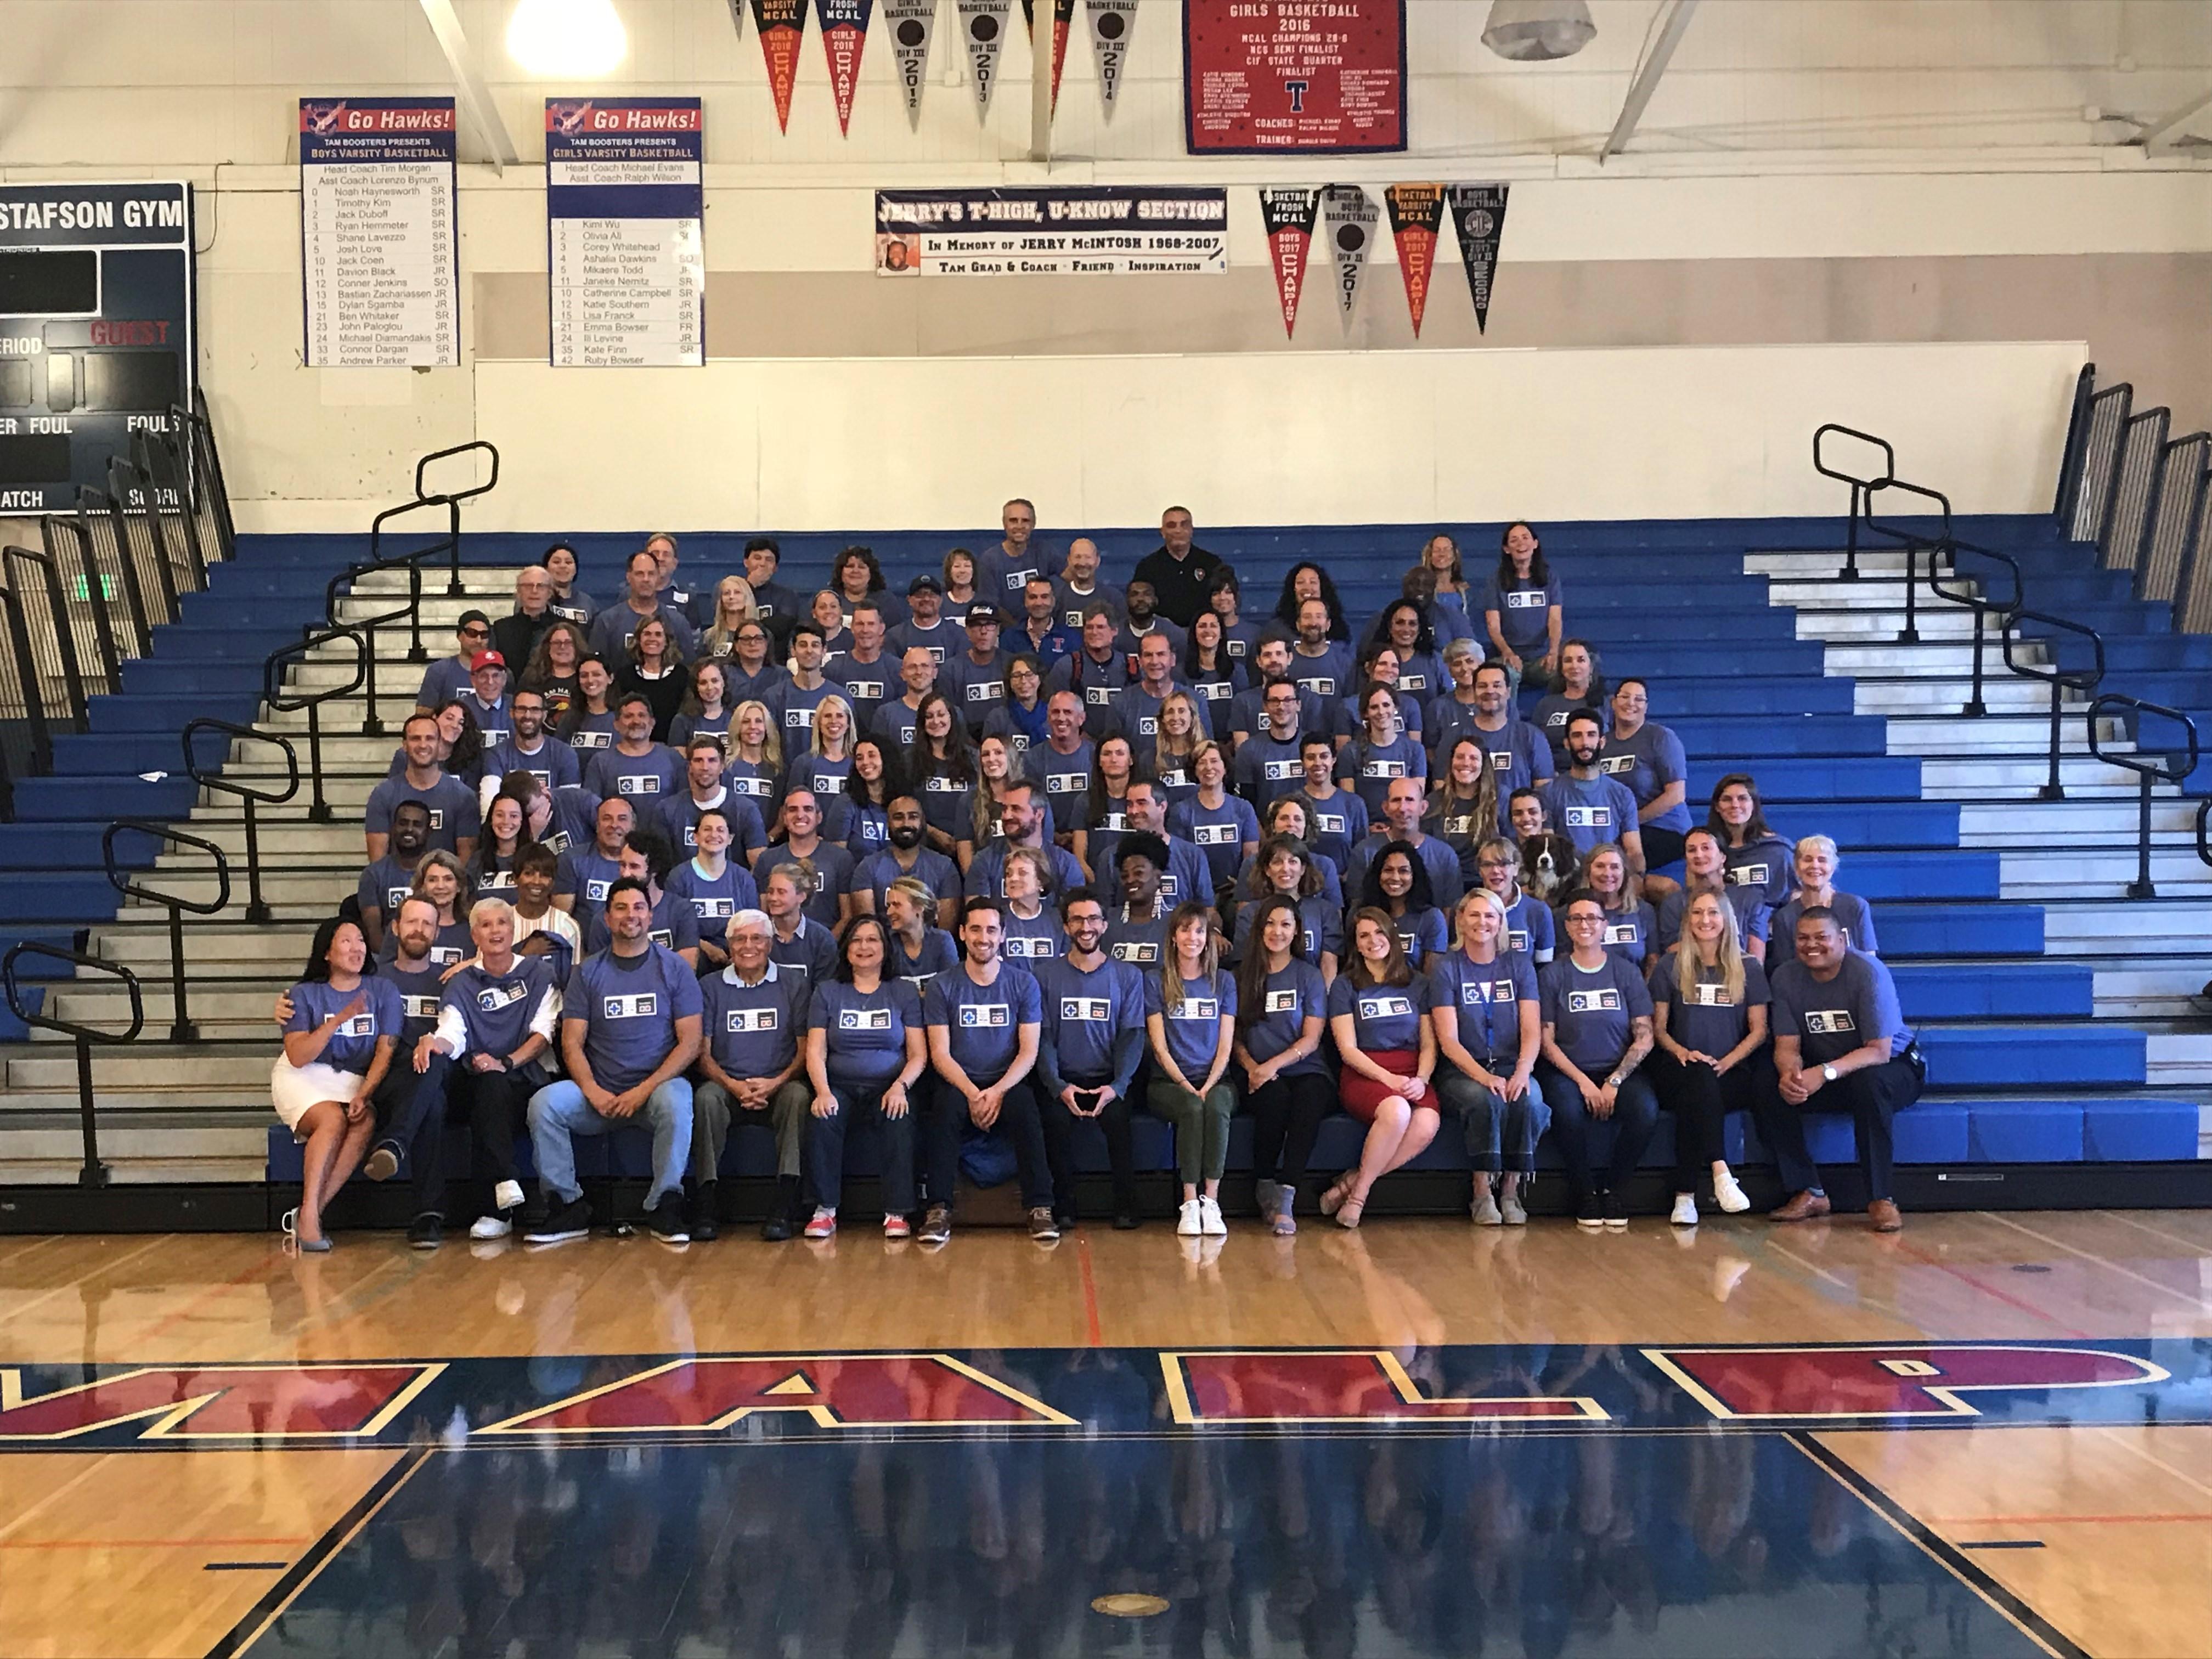 Tamalpais High School / Overview